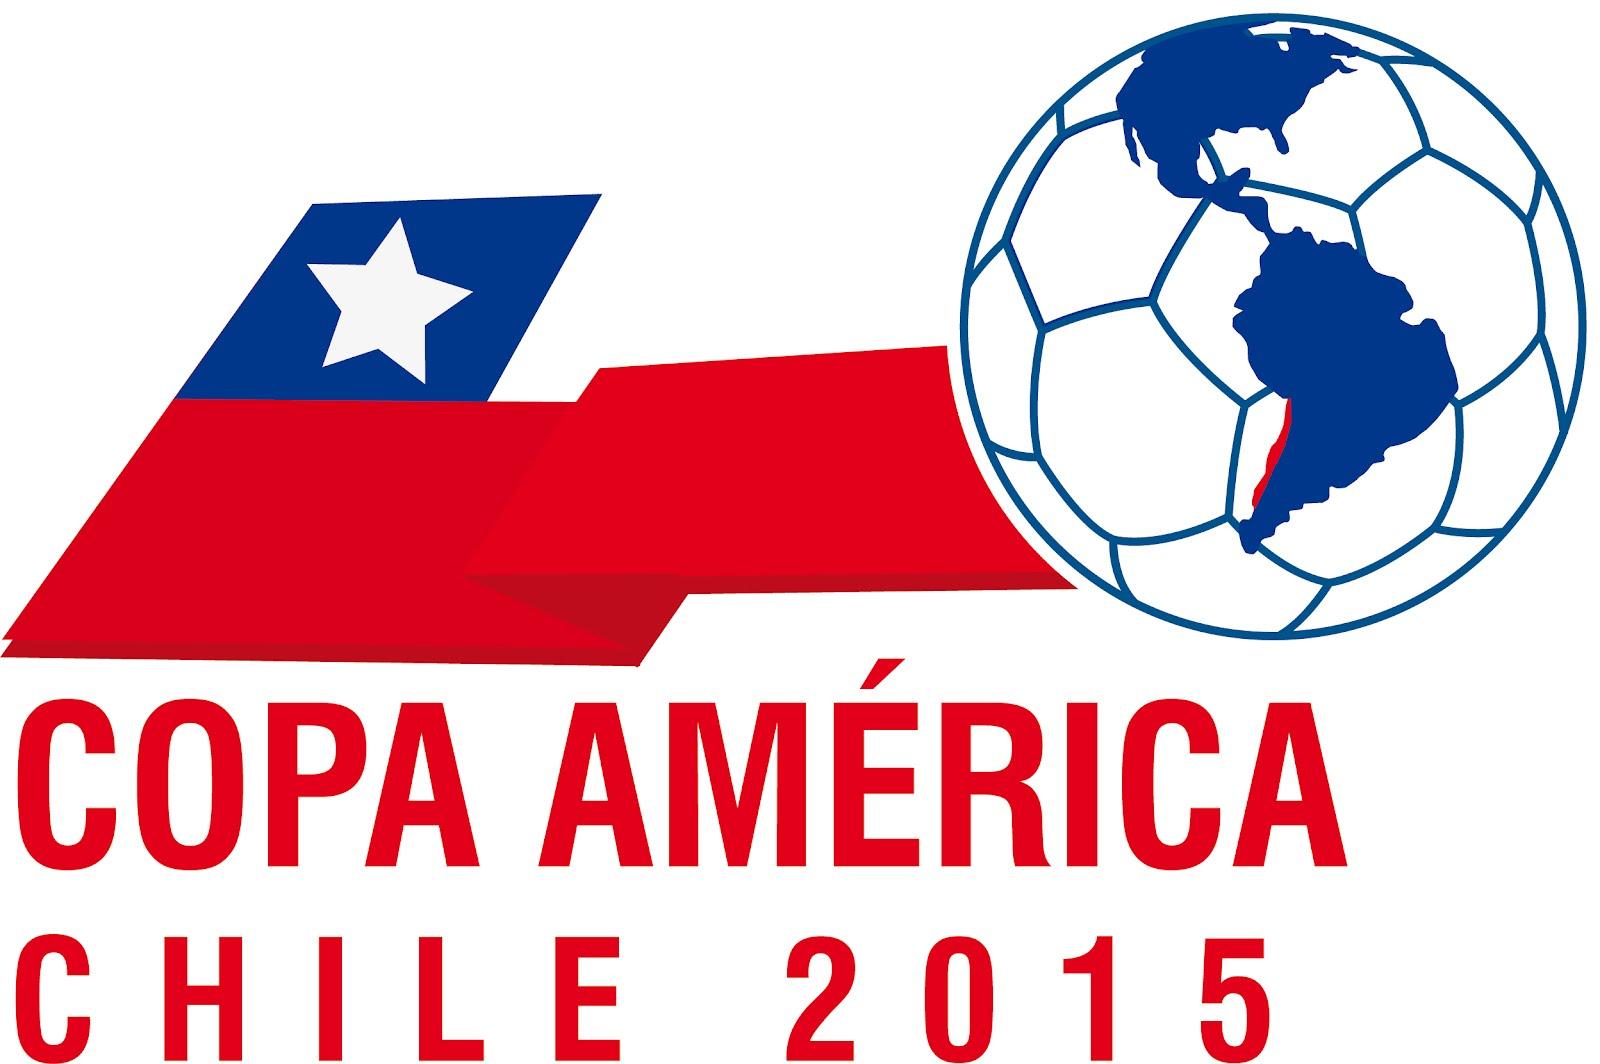 CopaAmerica Chile 2015